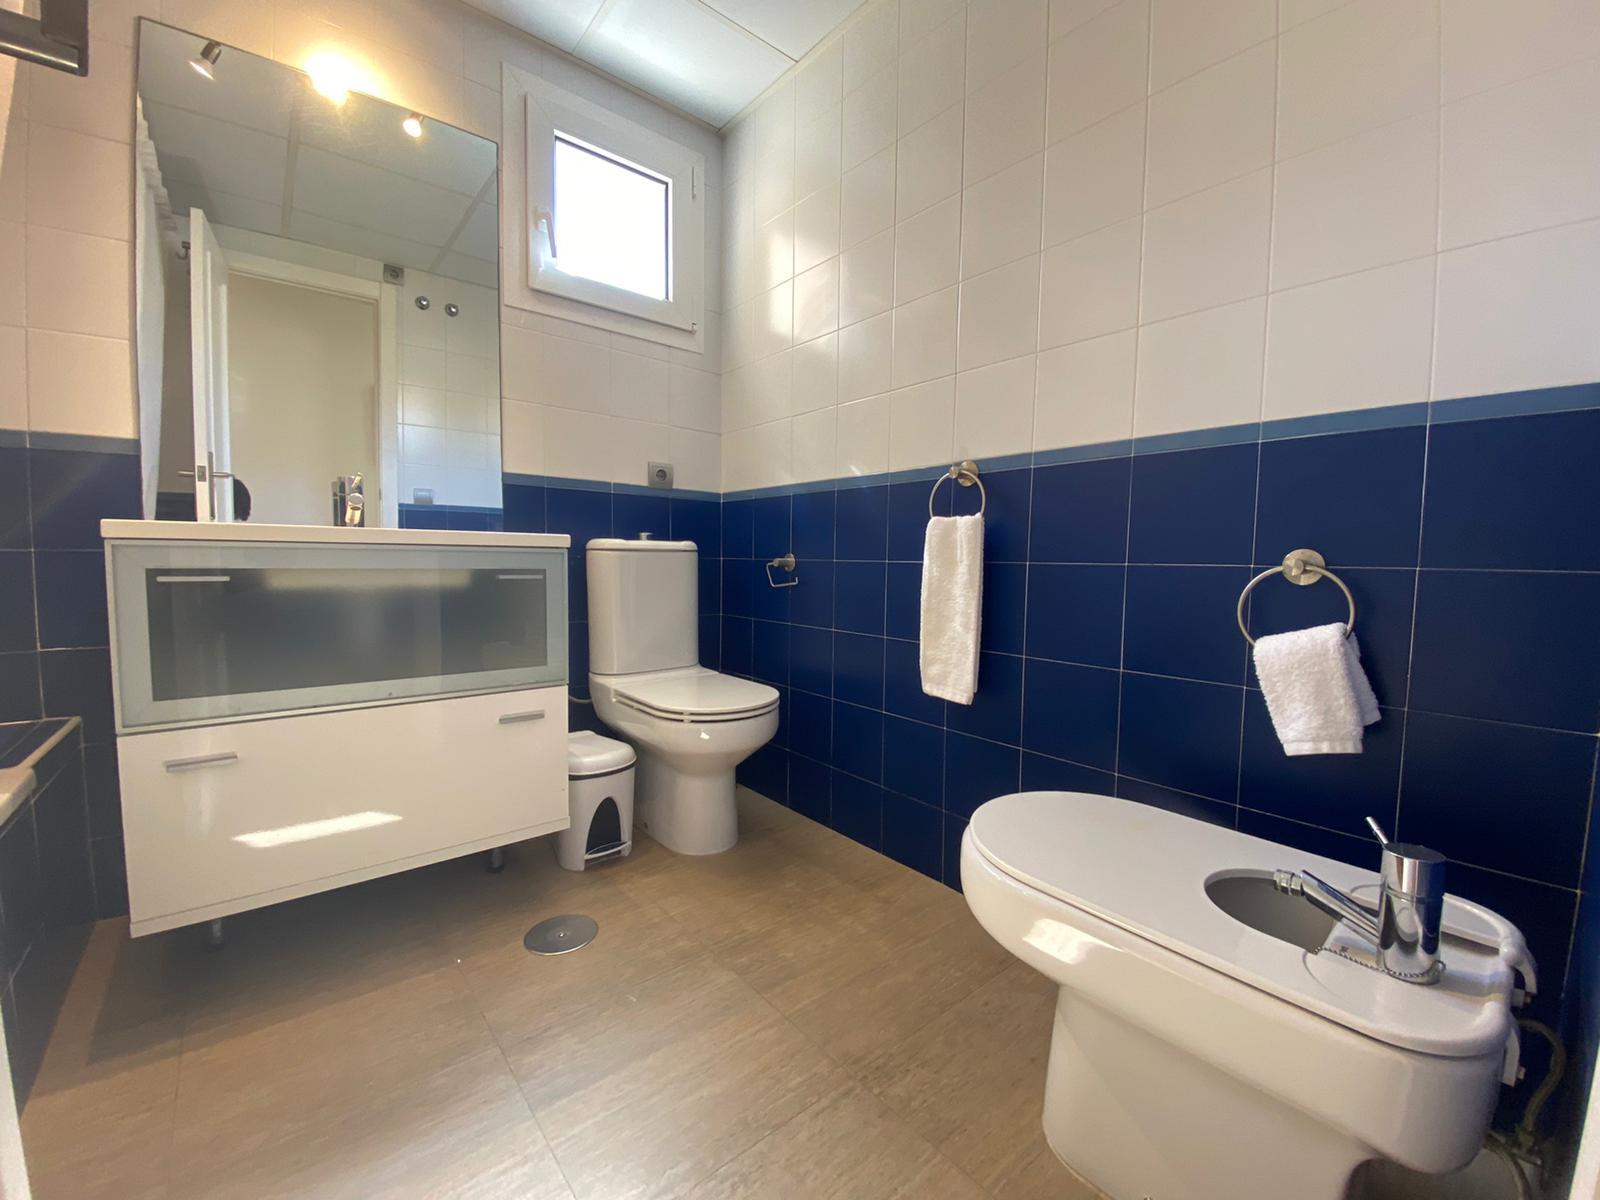 Imagen 31 del Apartamento Turístico, Ático 1 Poniente (3d+2b), Punta del Moral (HUELVA), Paseo de la Cruz nº22